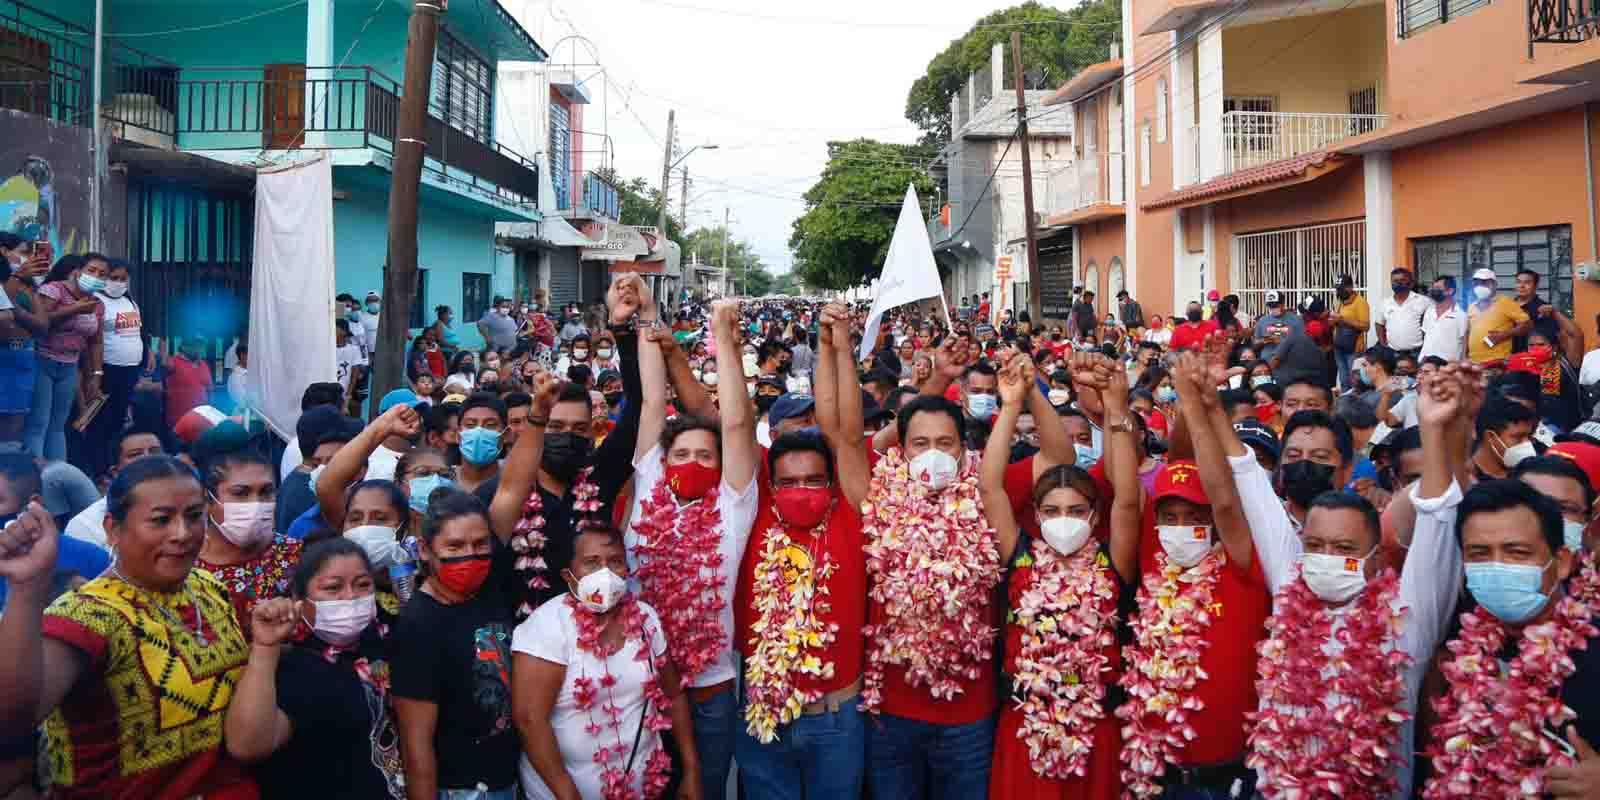 Ofrece Estefan Gillessen recuperación económica a productores | El Imparcial de Oaxaca